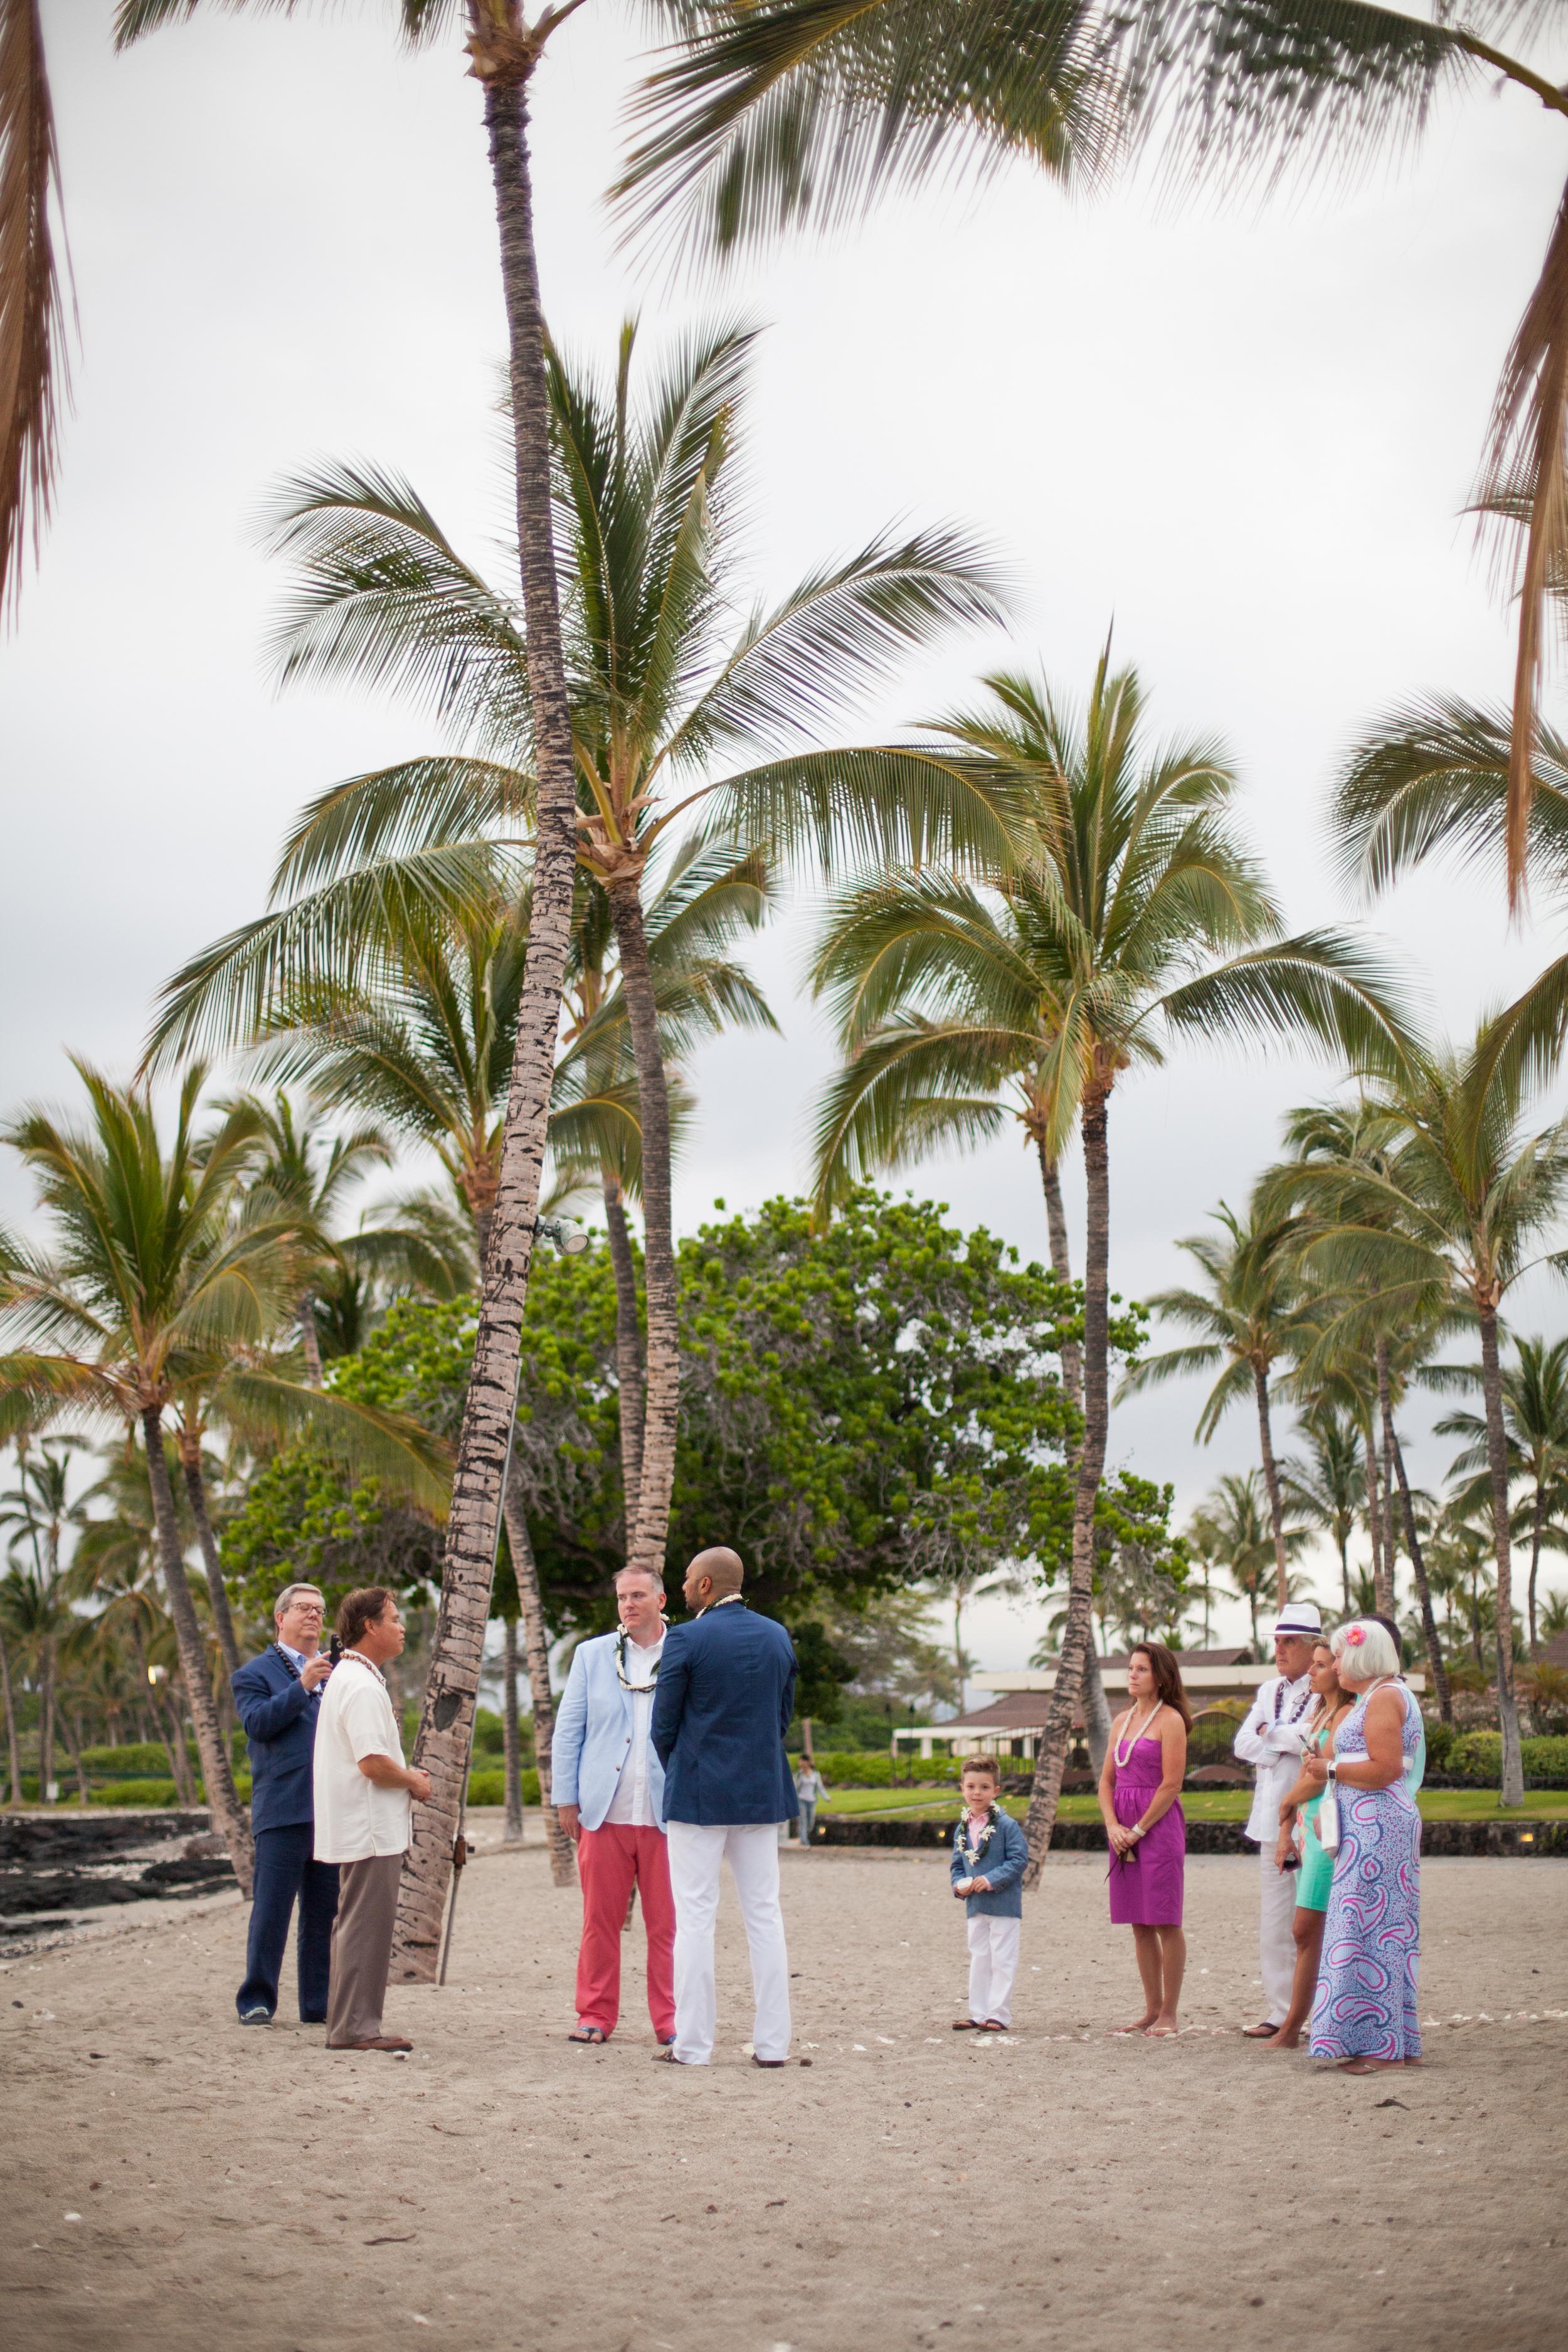 big island hawaii rmauna lani beach wedding © kelilina photography 20160601182520-3.jpg